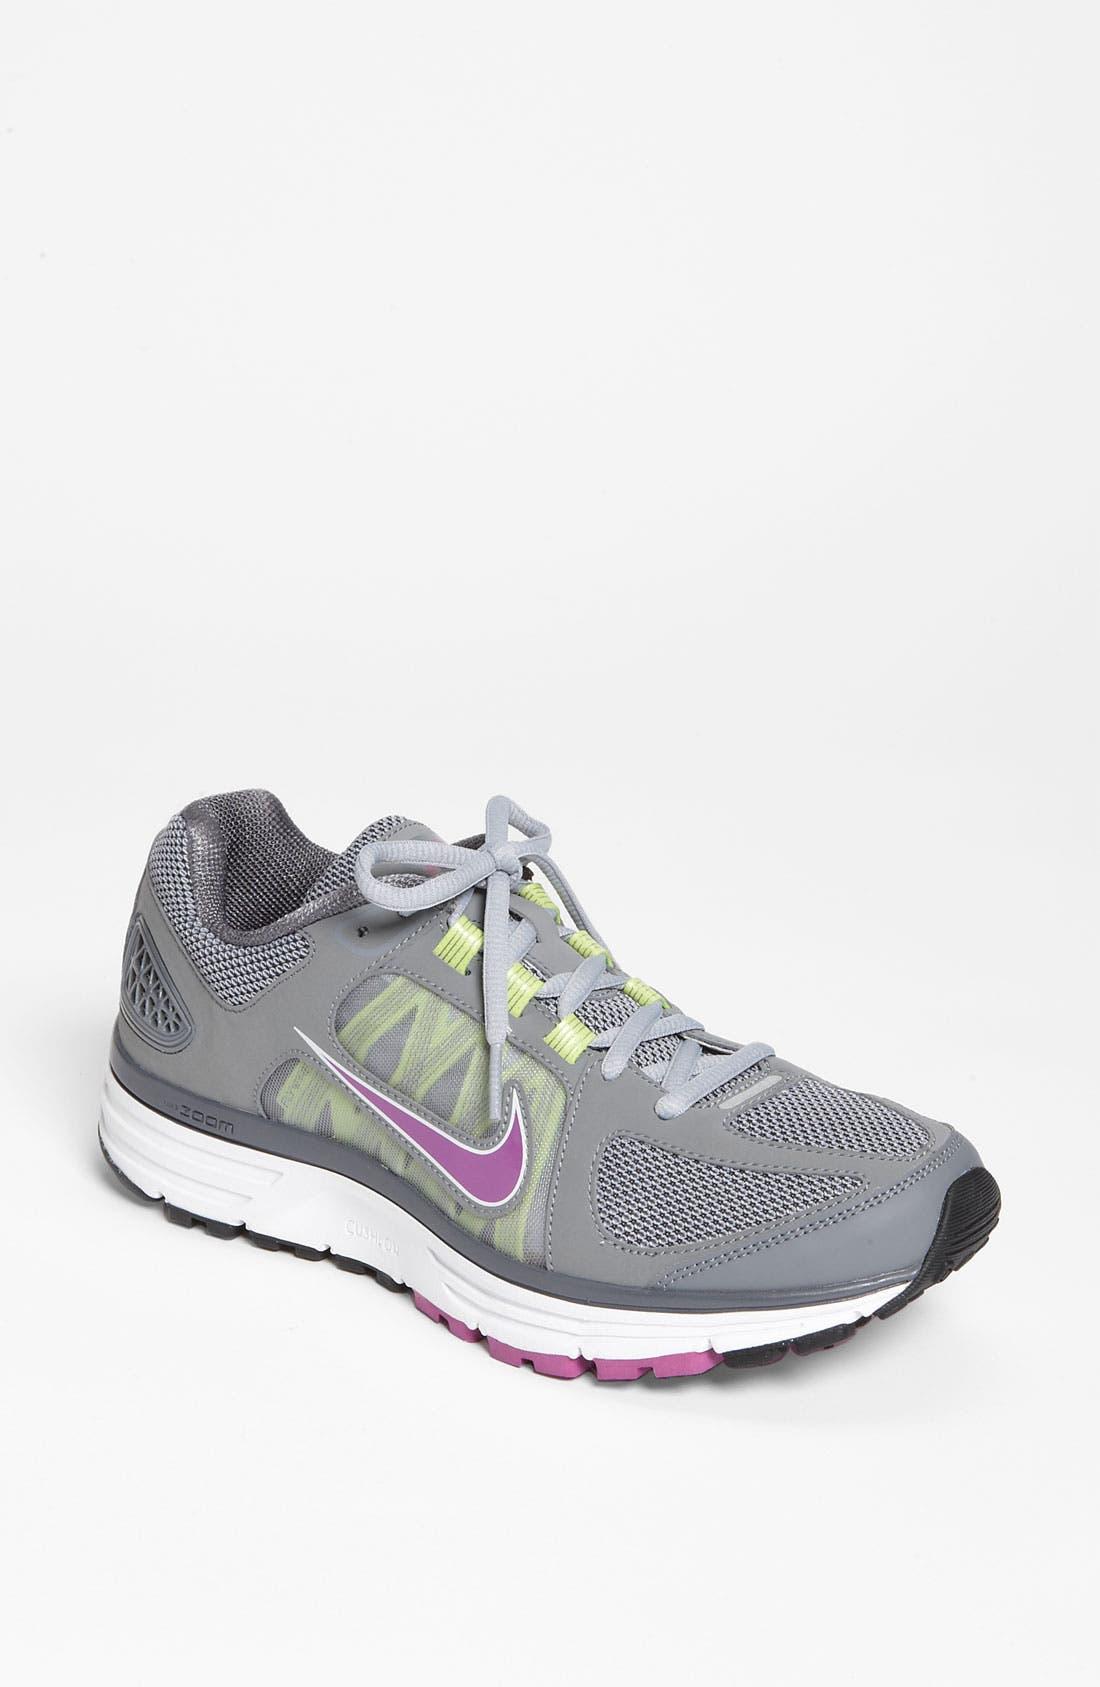 Main Image - Nike 'Zoom Vomero+ 7' Running Shoe (Women)